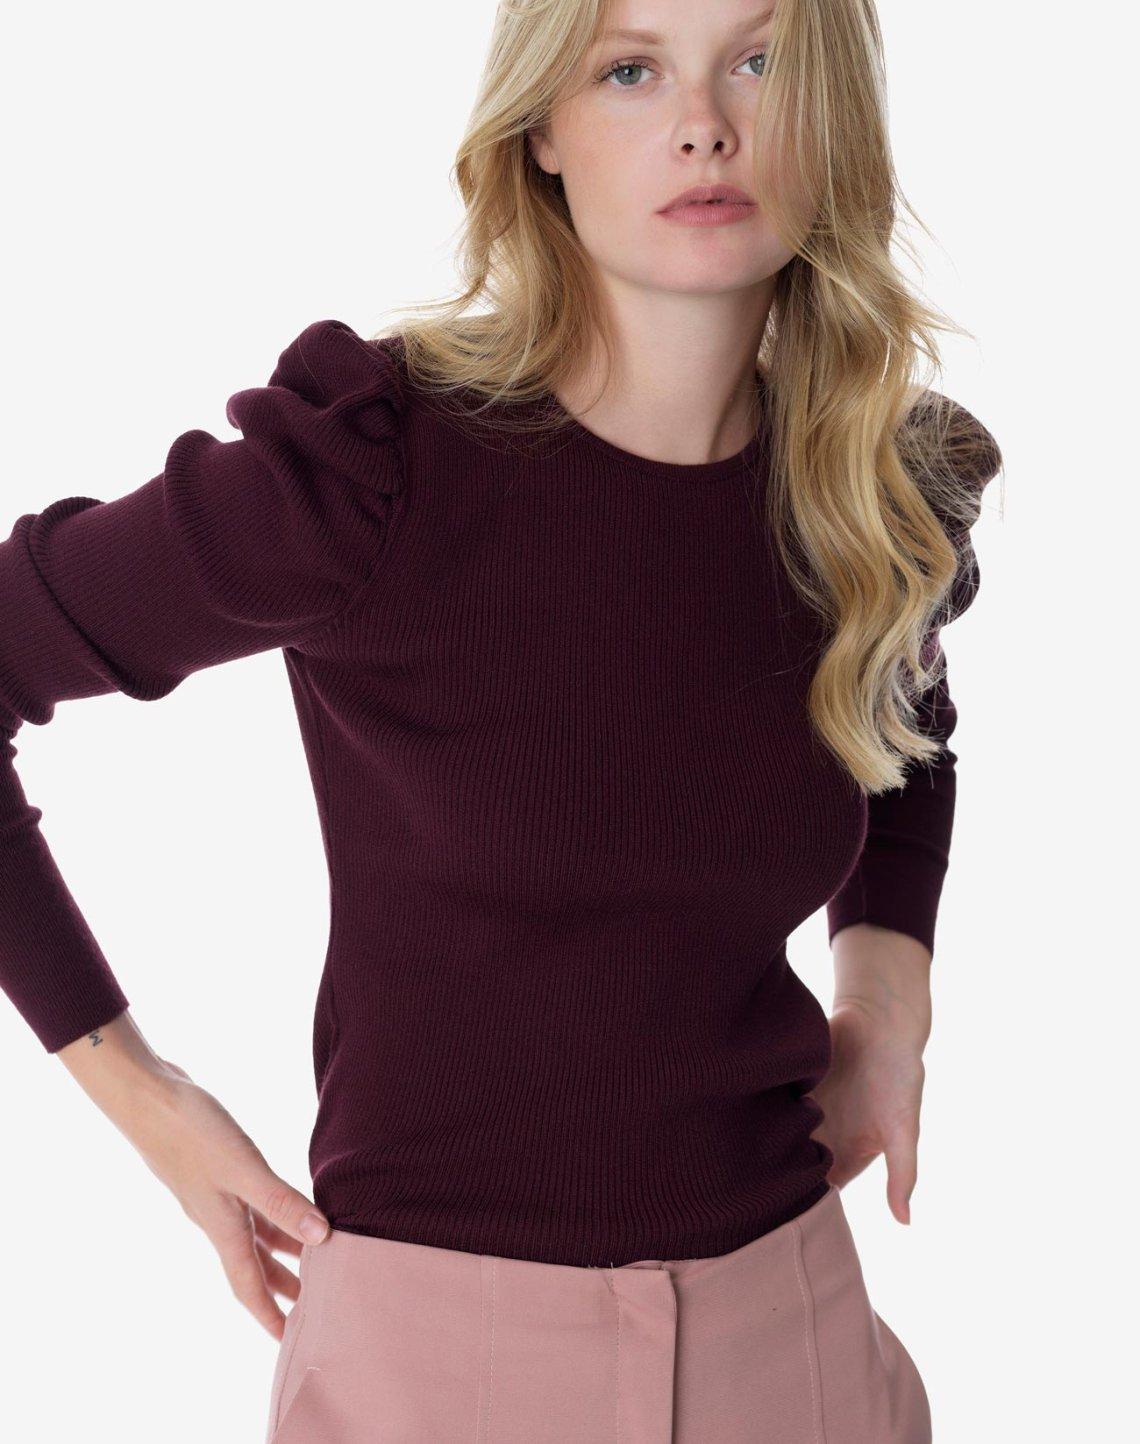 Ribbed knit top